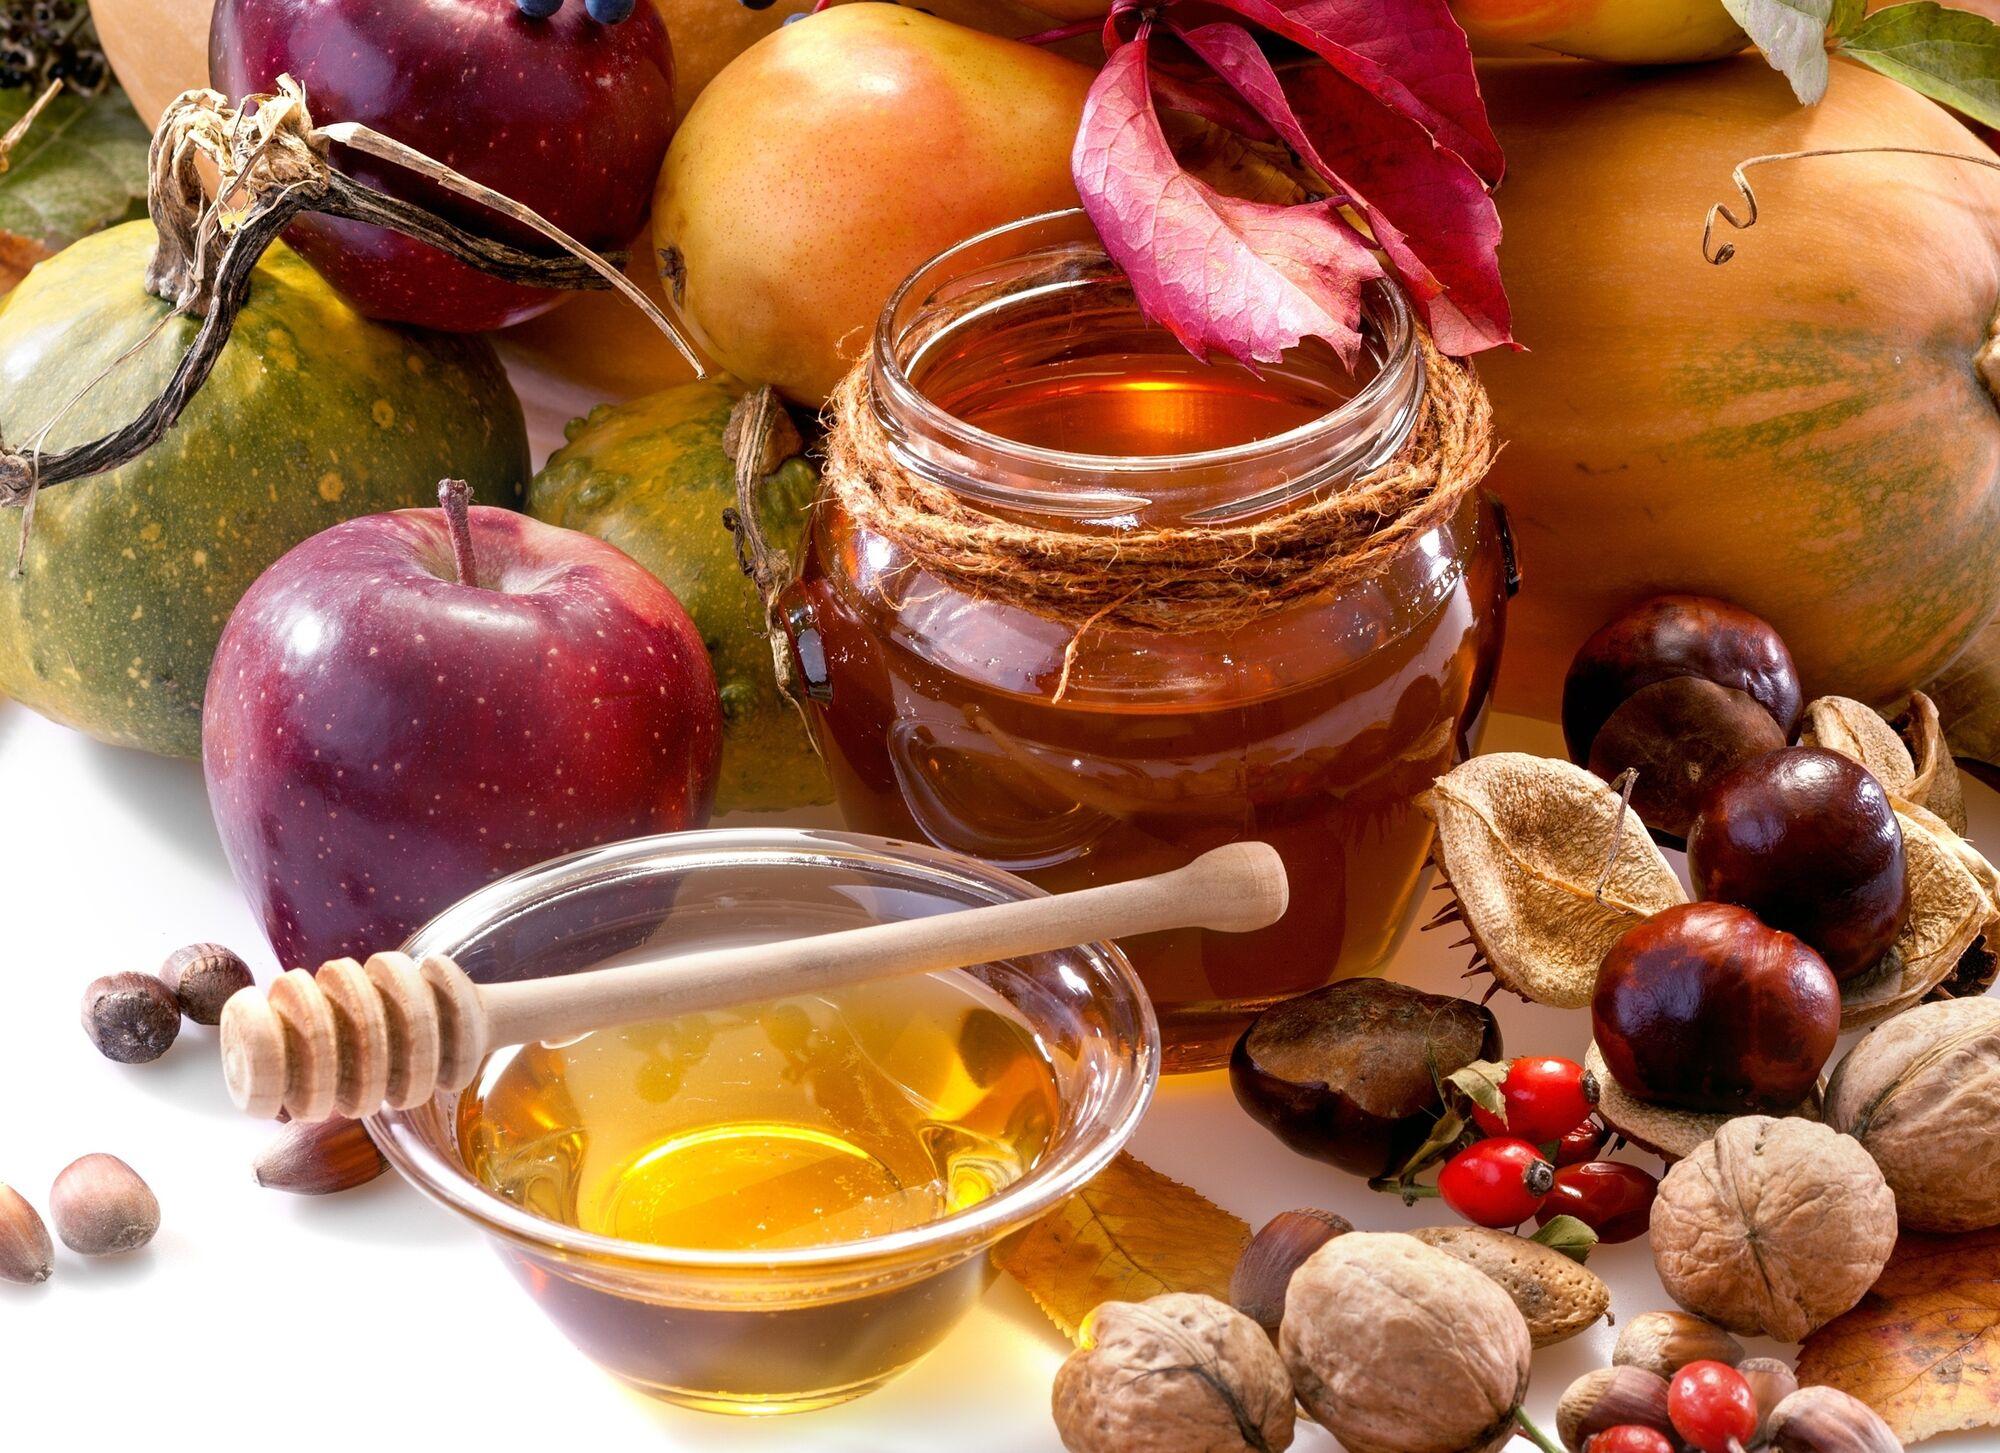 Яблочный Спас 2018: как провести день, чтобы год был удачным